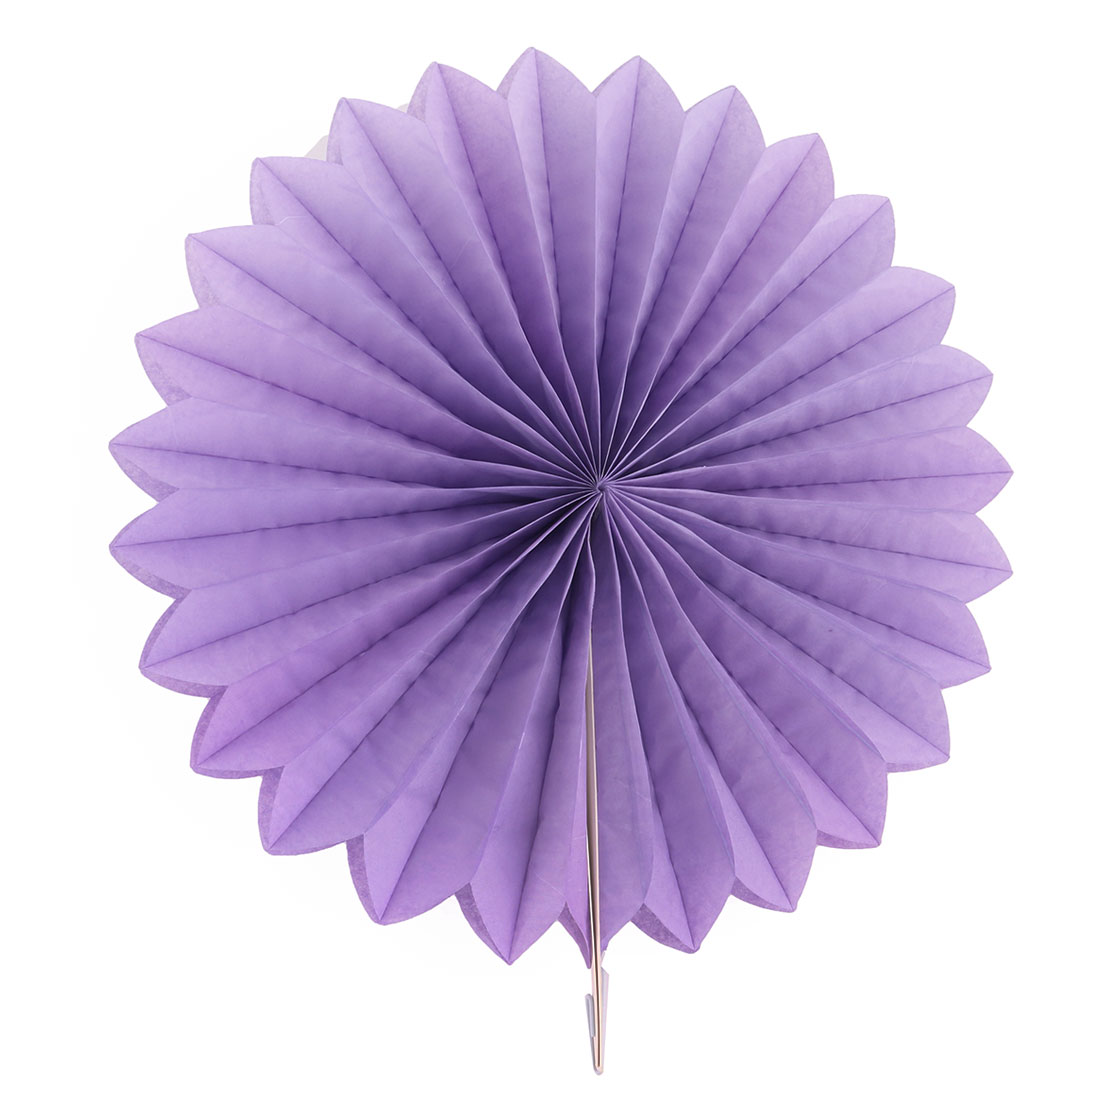 Paper Hollow Out Design Folding Fan Flower Purple for Party Wedding Home Decor - image 4 de 4